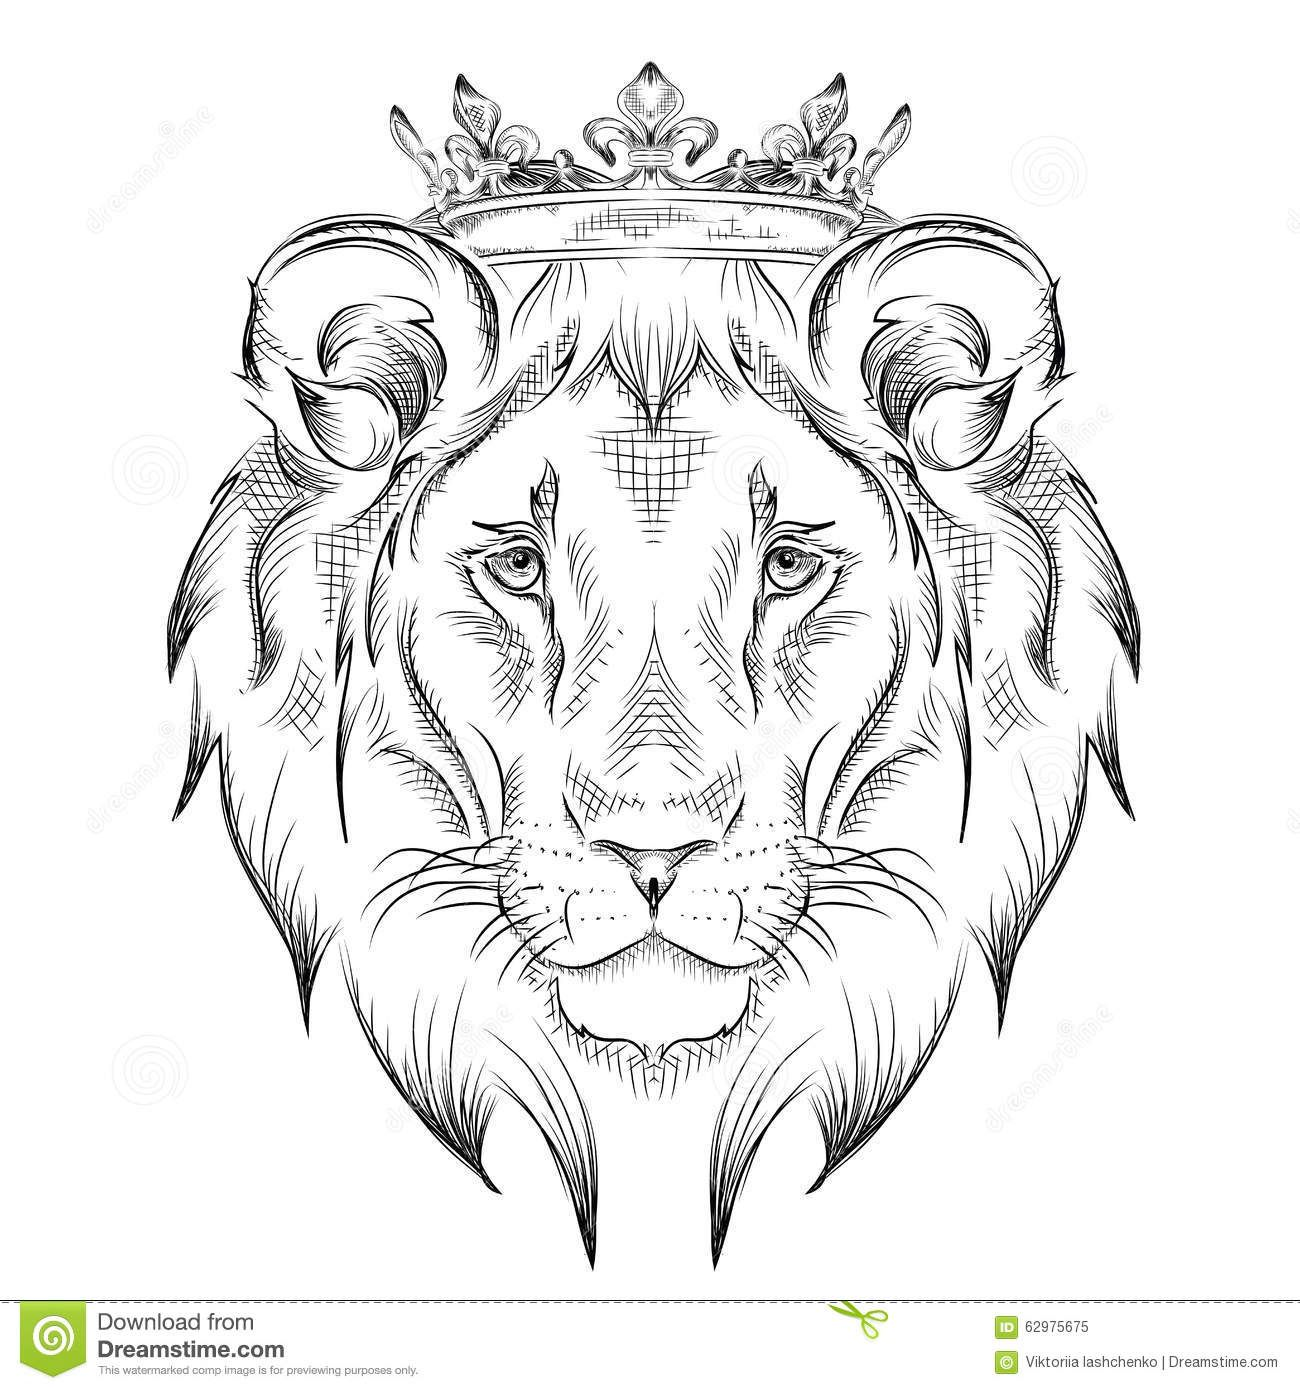 cabeza-de-dibujo-étnica-de-la-mano-del-león-que-lleva-una-corona ...